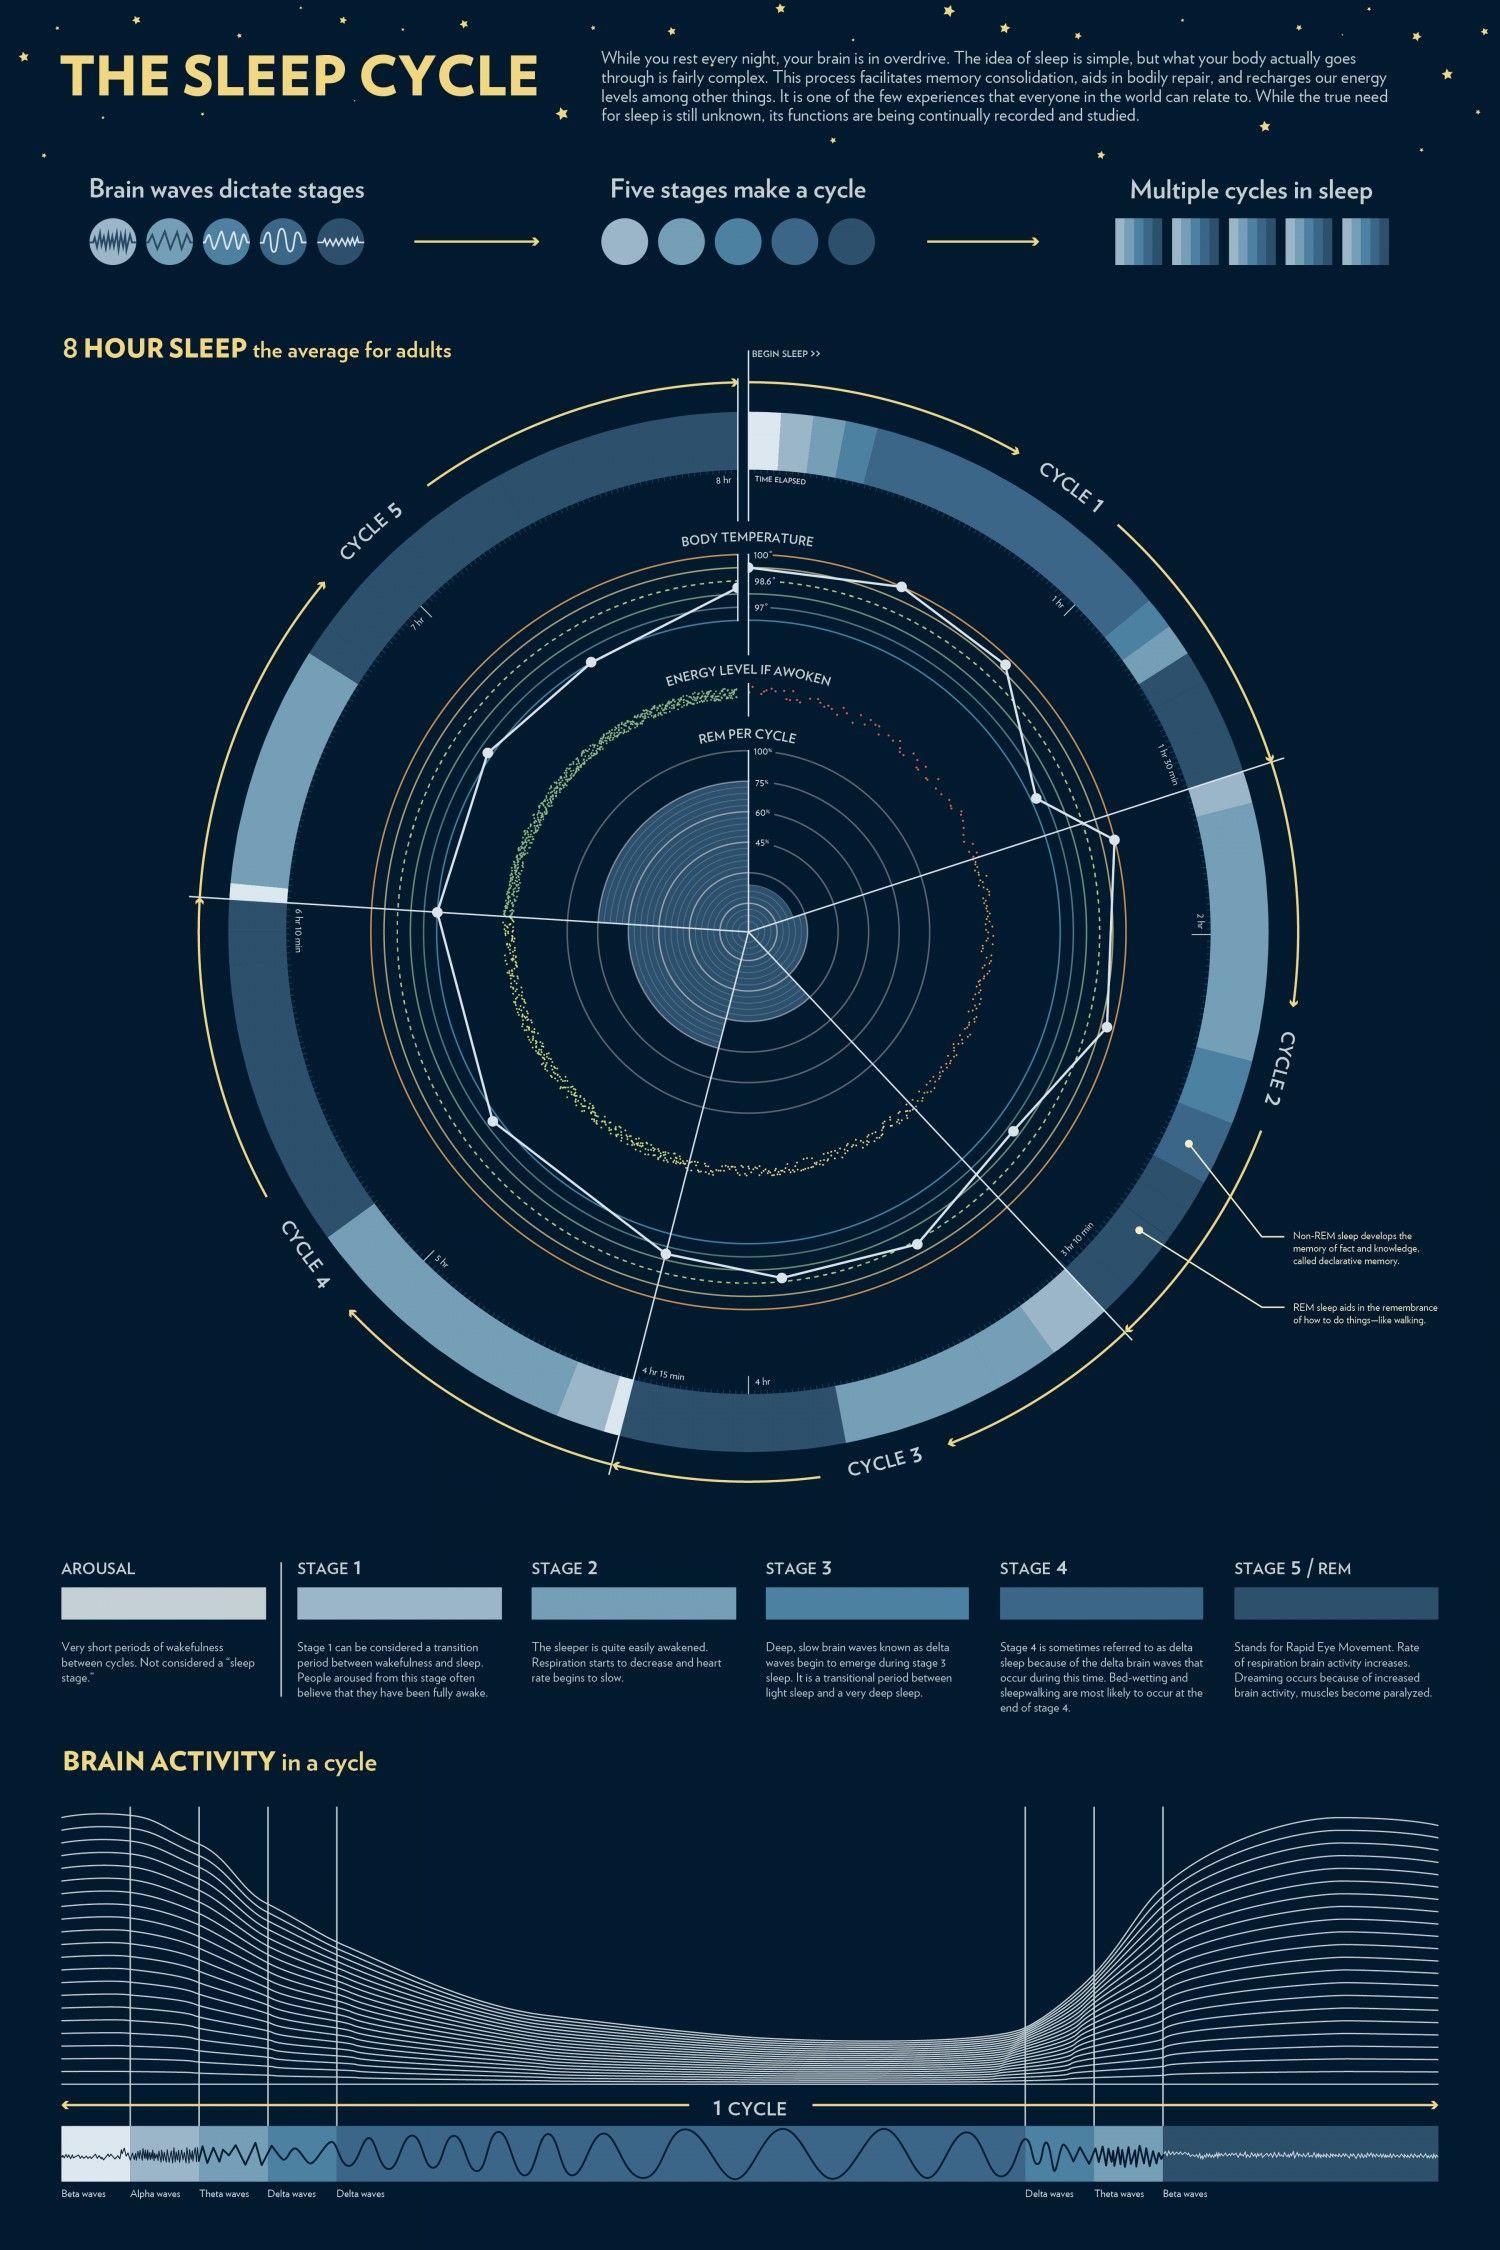 the sleep cycle infographic